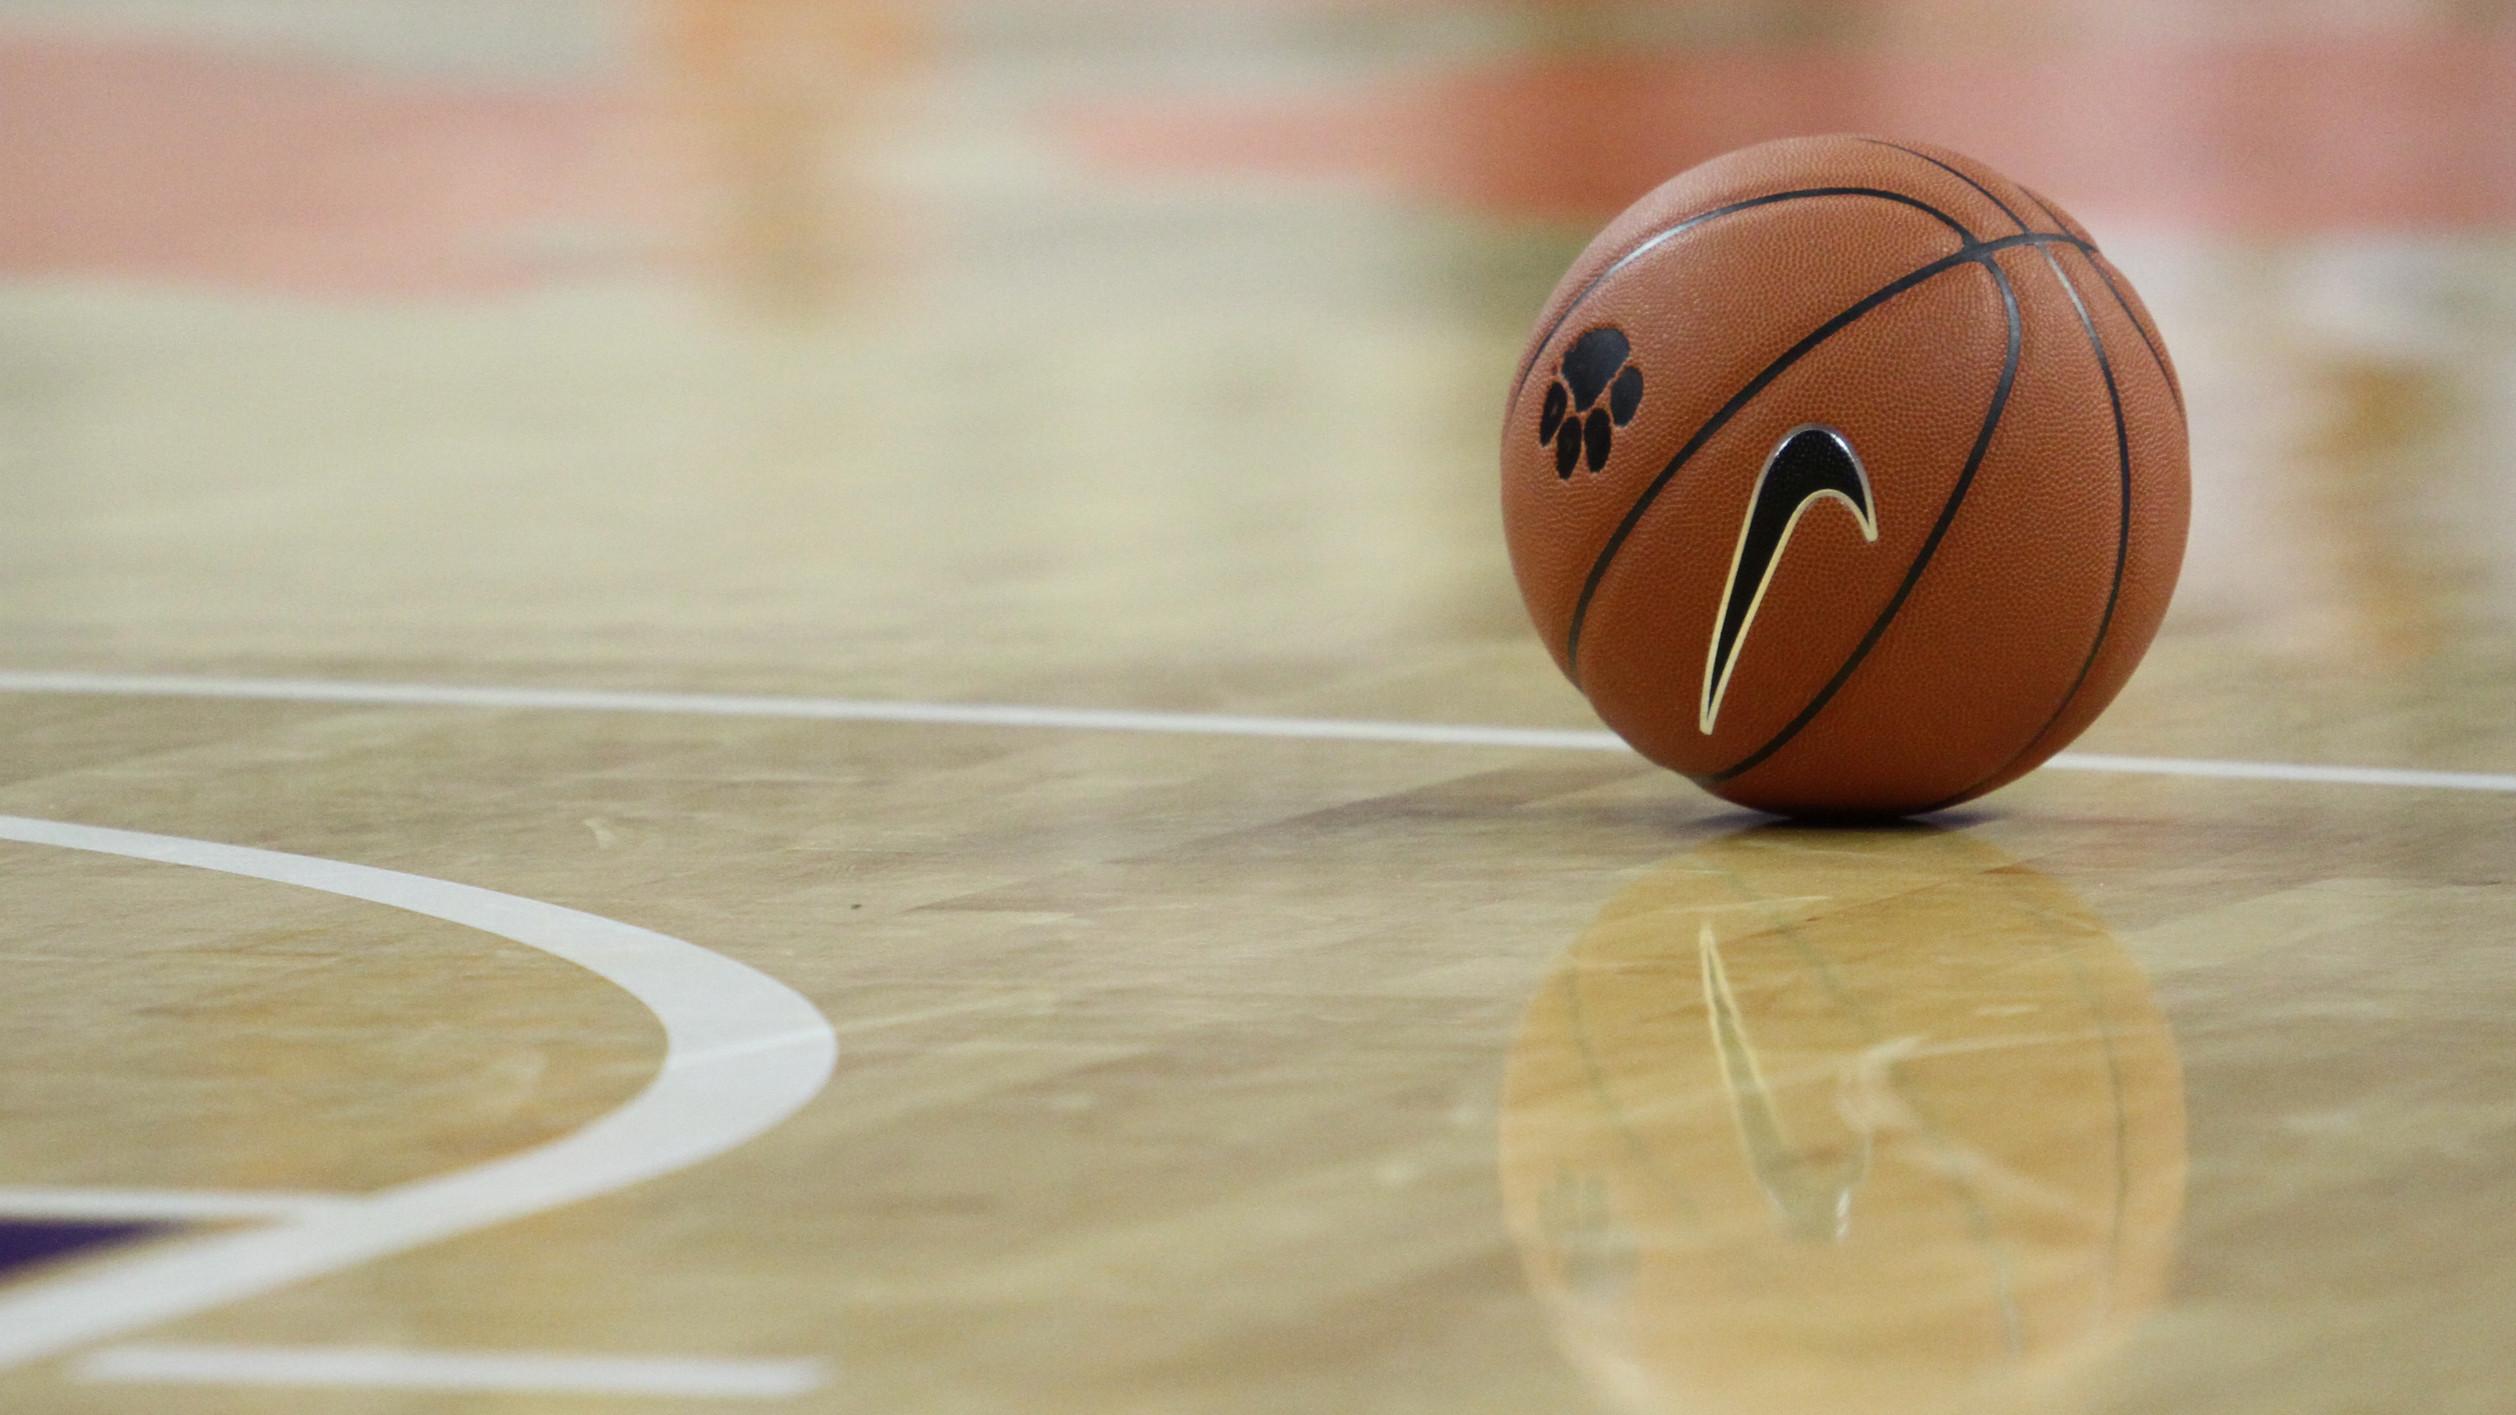 Promotions Announced for Women's Basketball vs. Duke